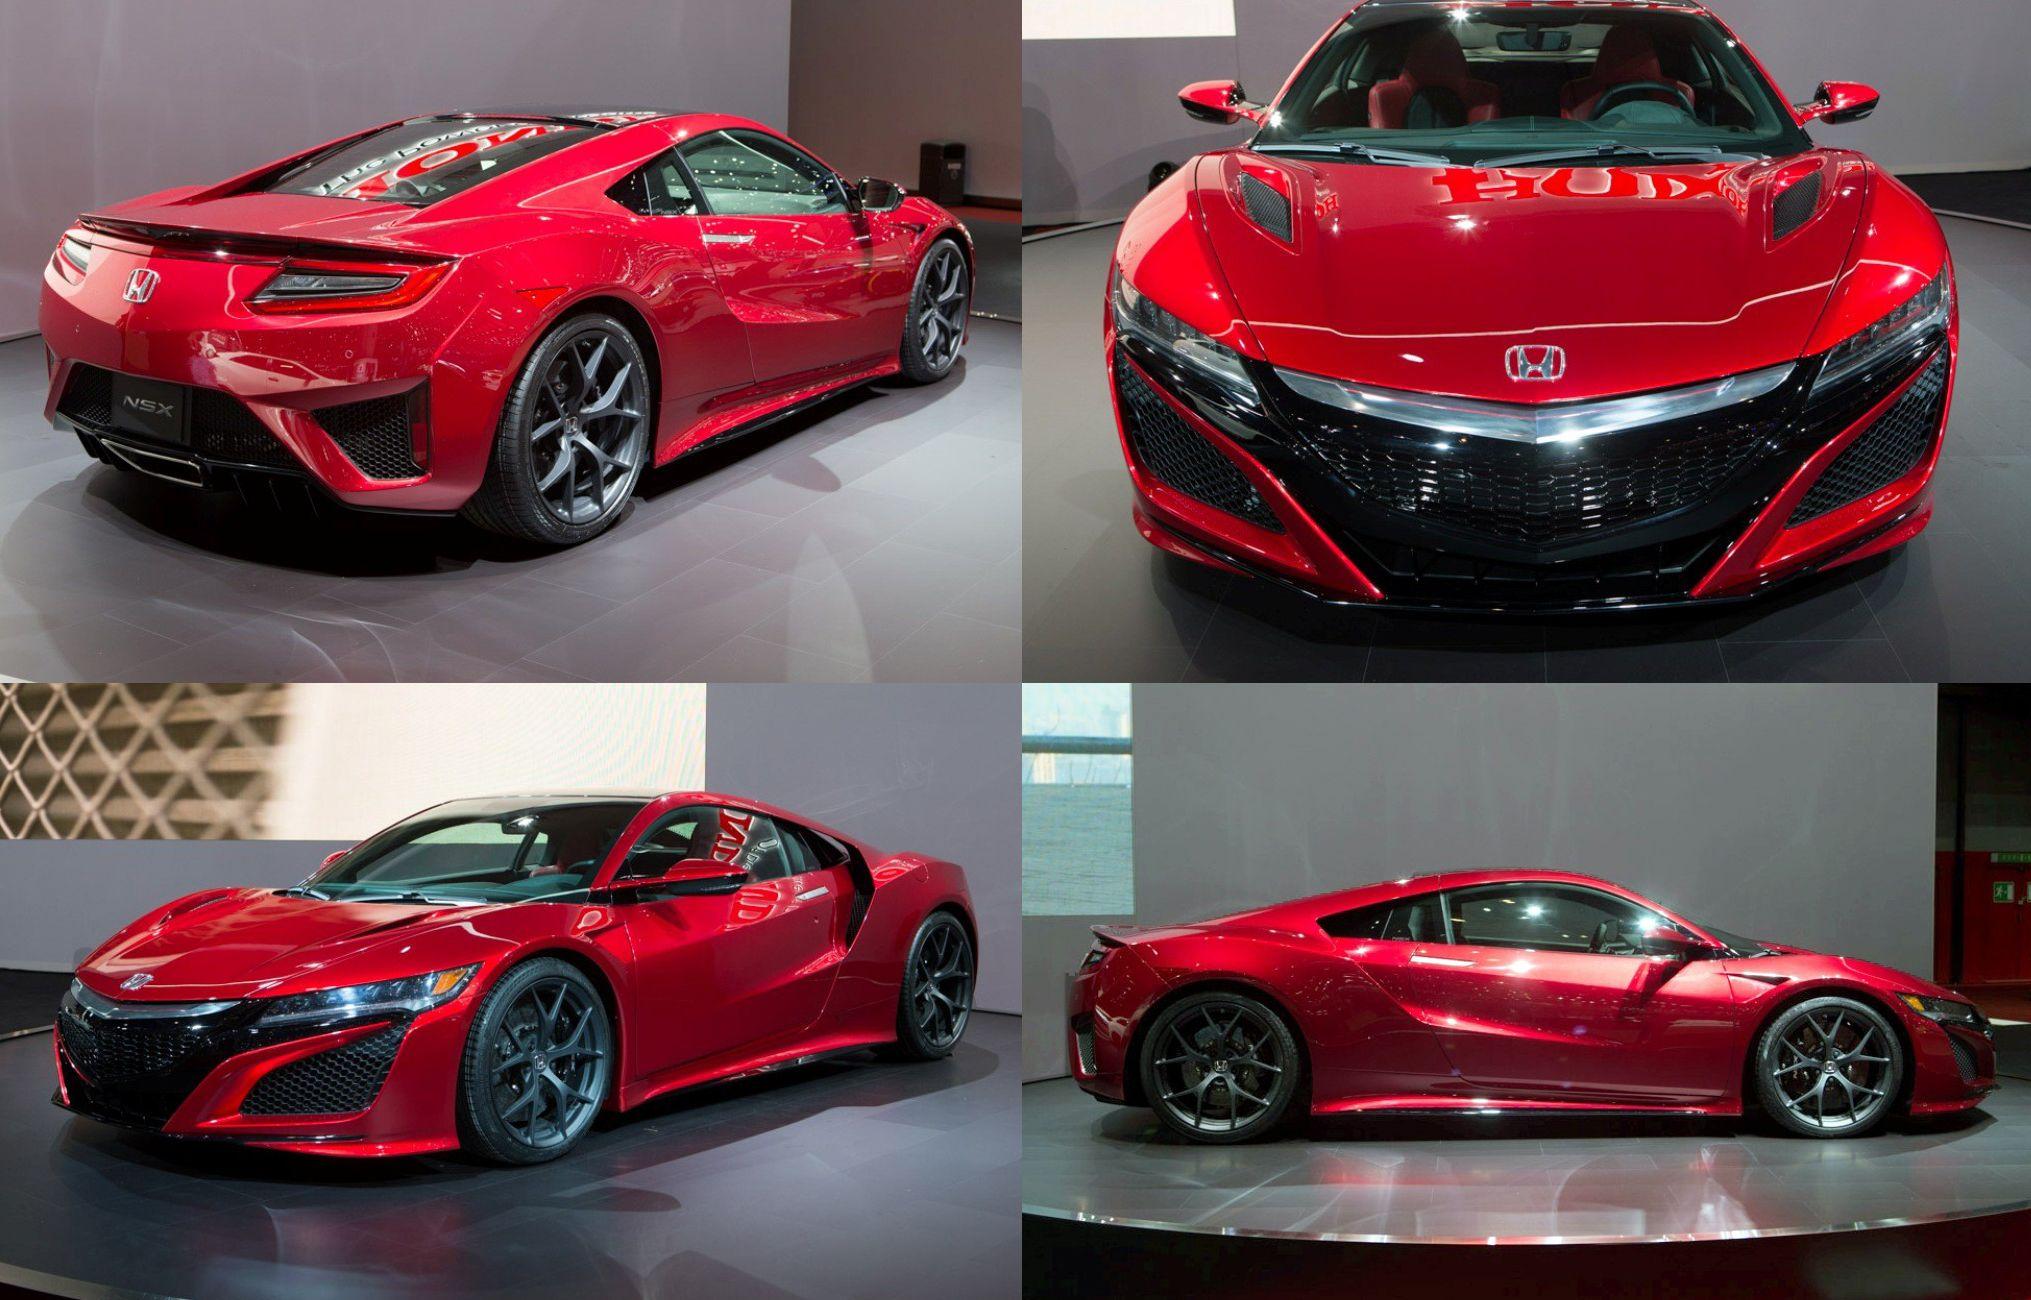 HONDA NSX 2015   Honda nsx 2015, Nsx, Honda